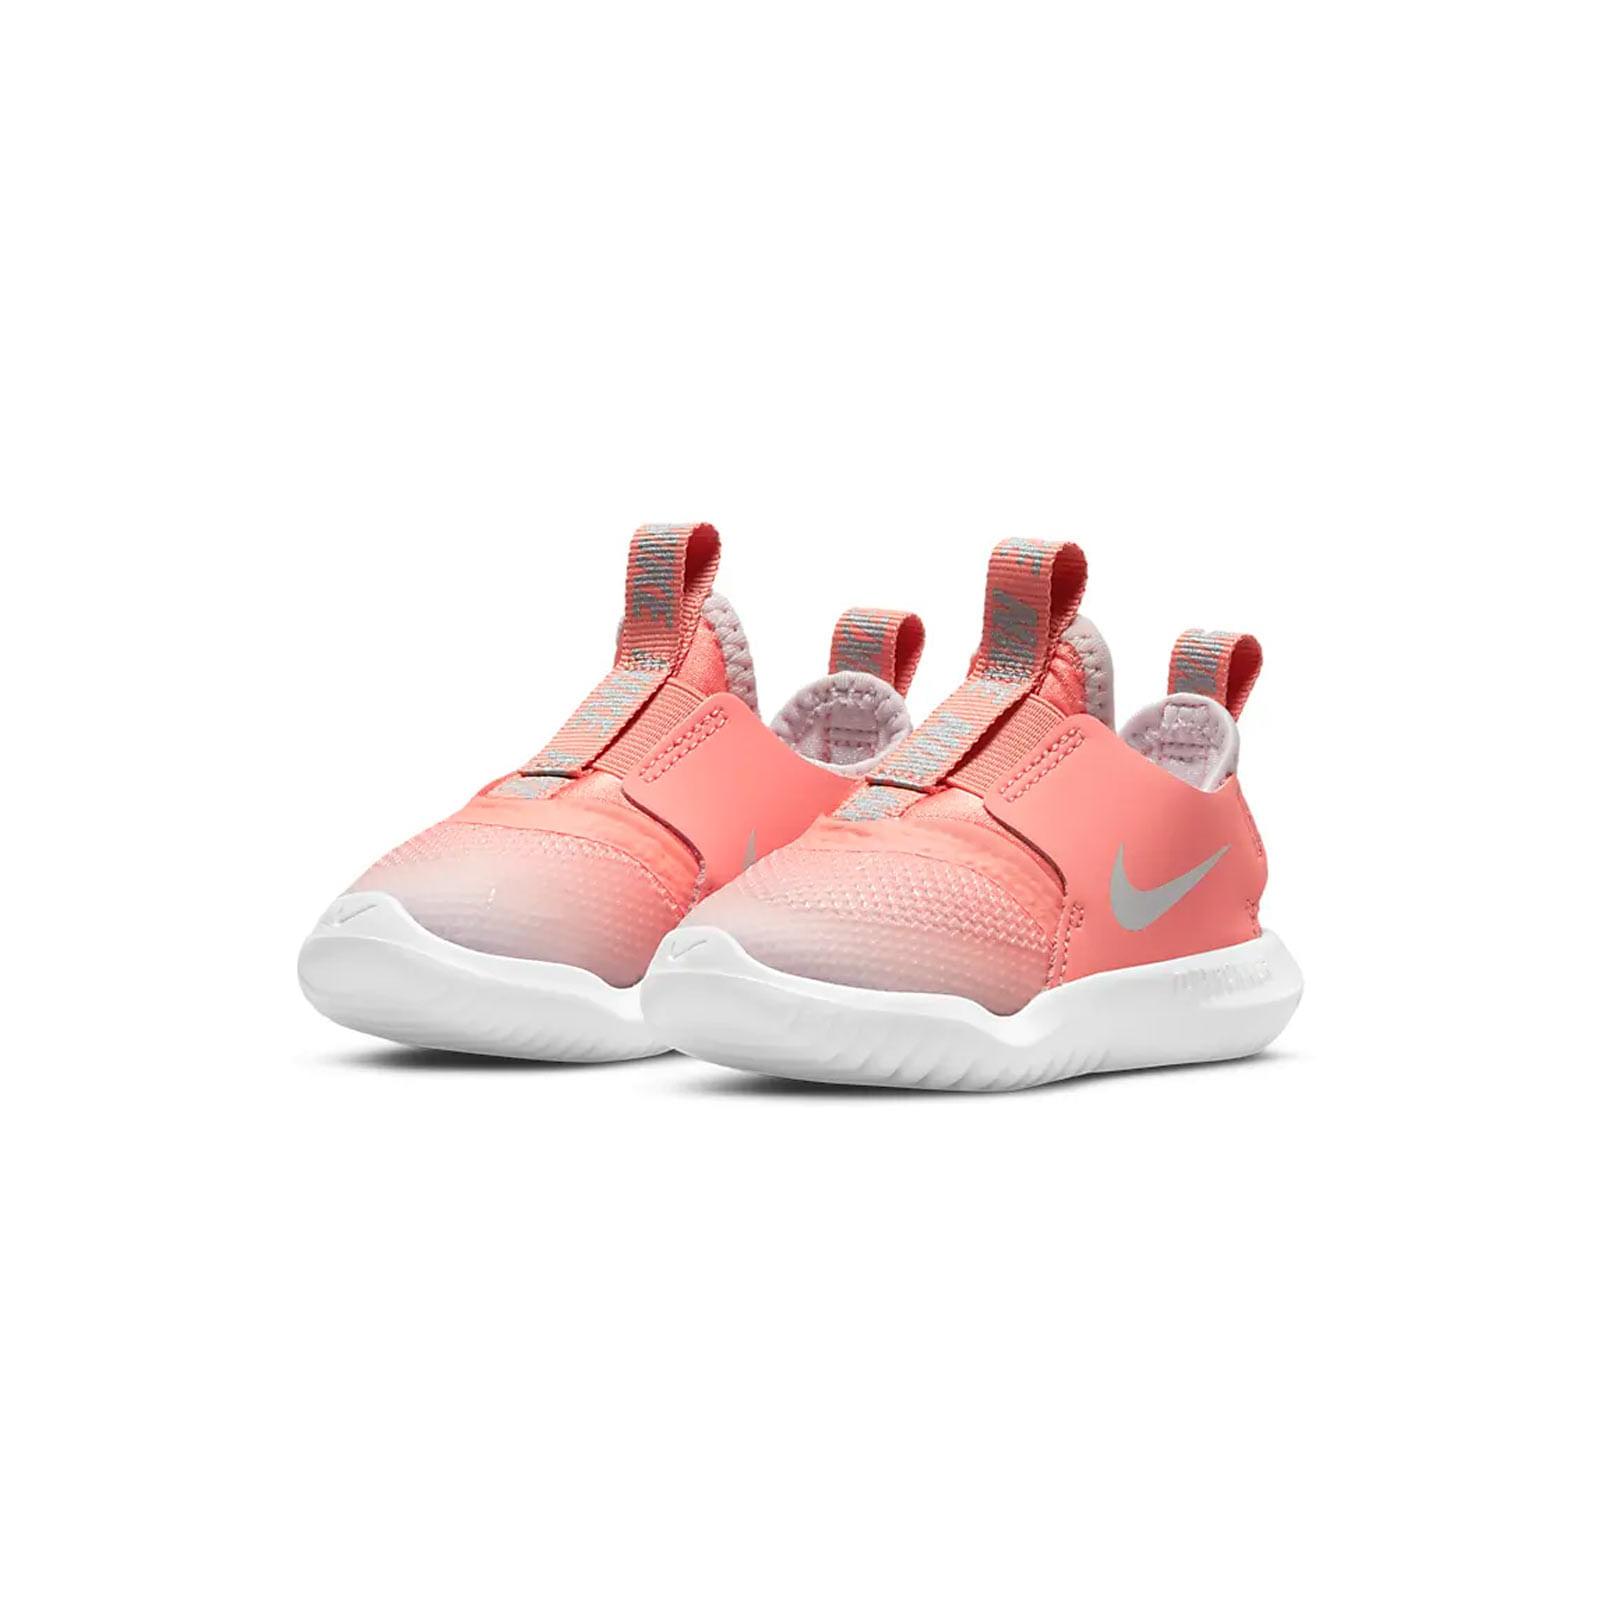 Tenis-Infantil-Nike-Flex-Runner--20-ao-26--AT4665-608--3Q21-